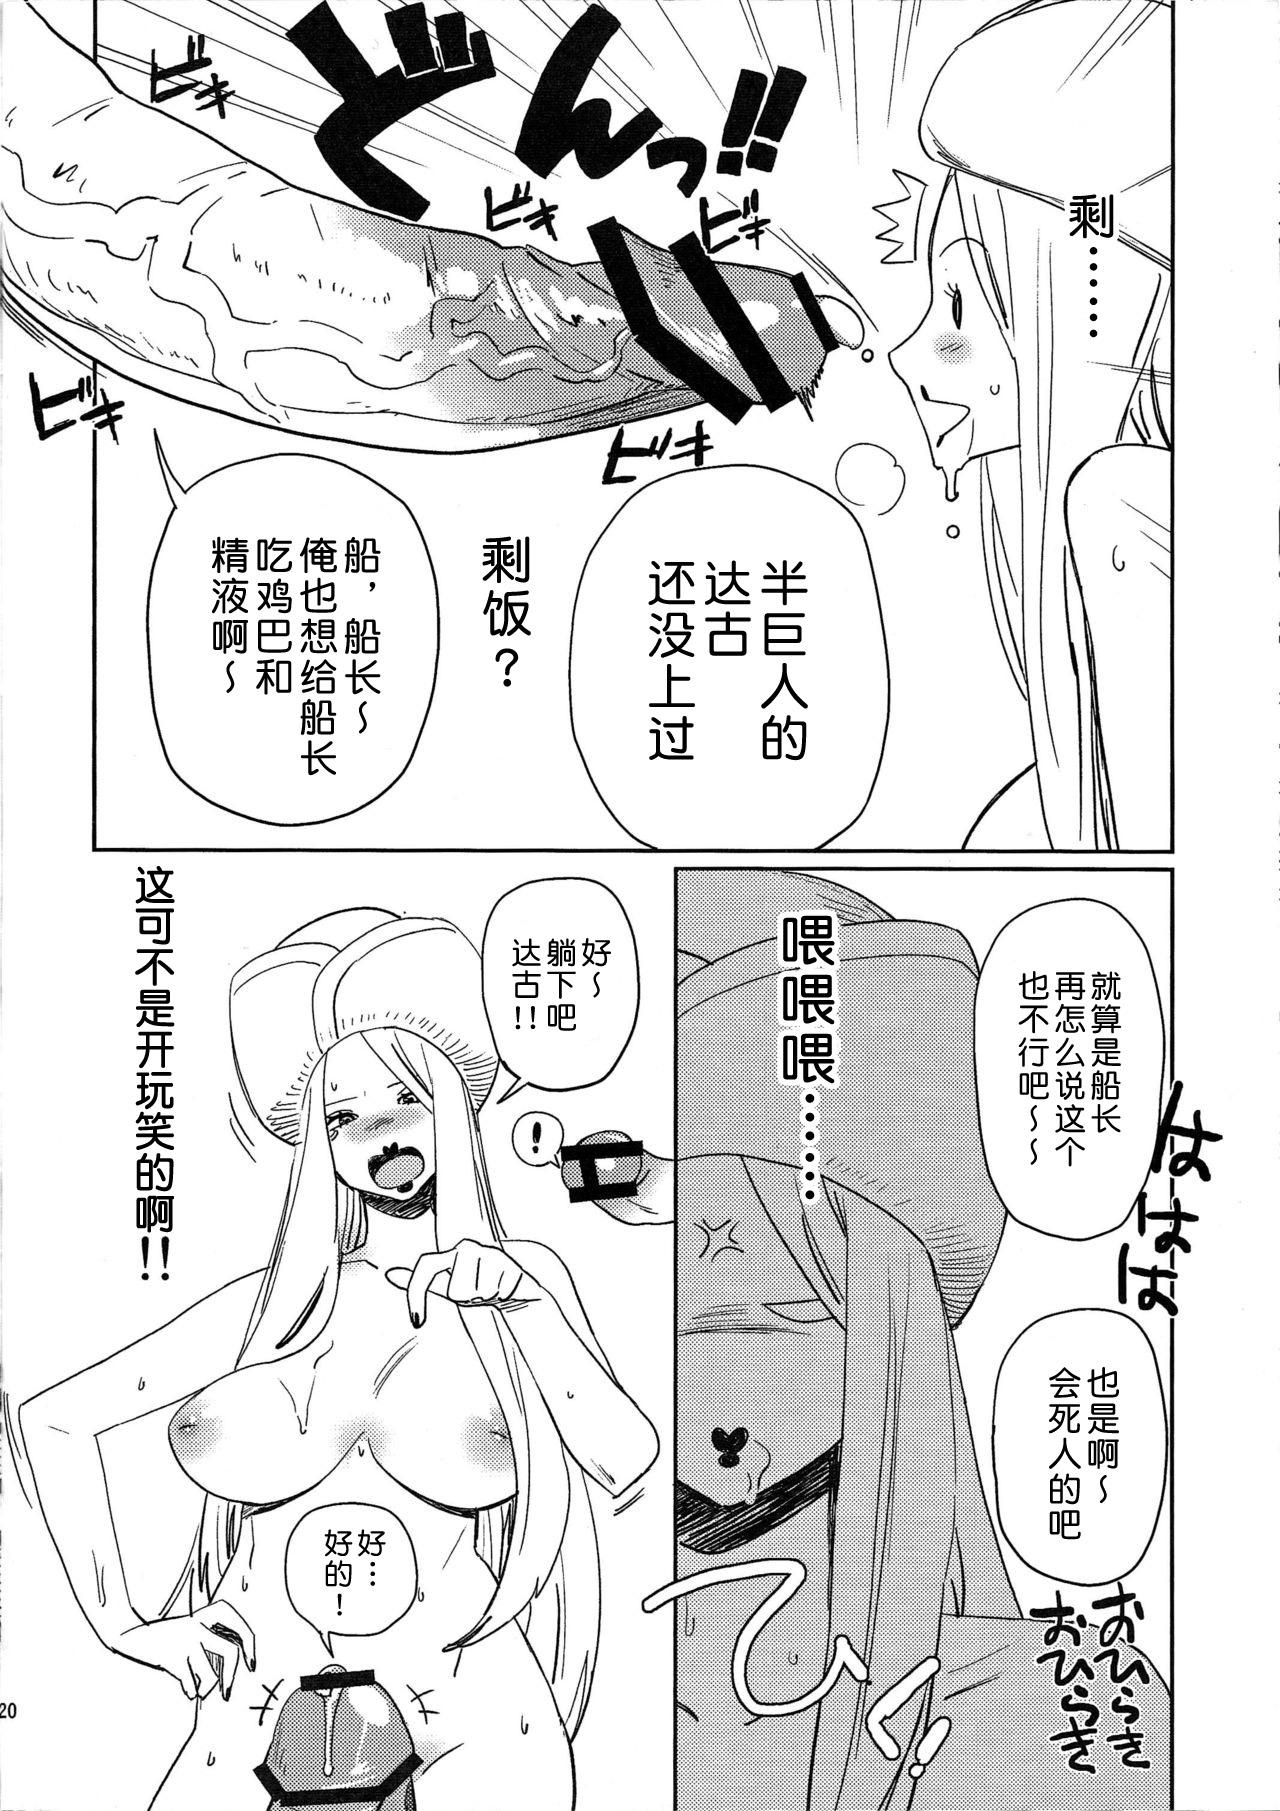 Abura Shoukami Tsukane No.05 140000000 19